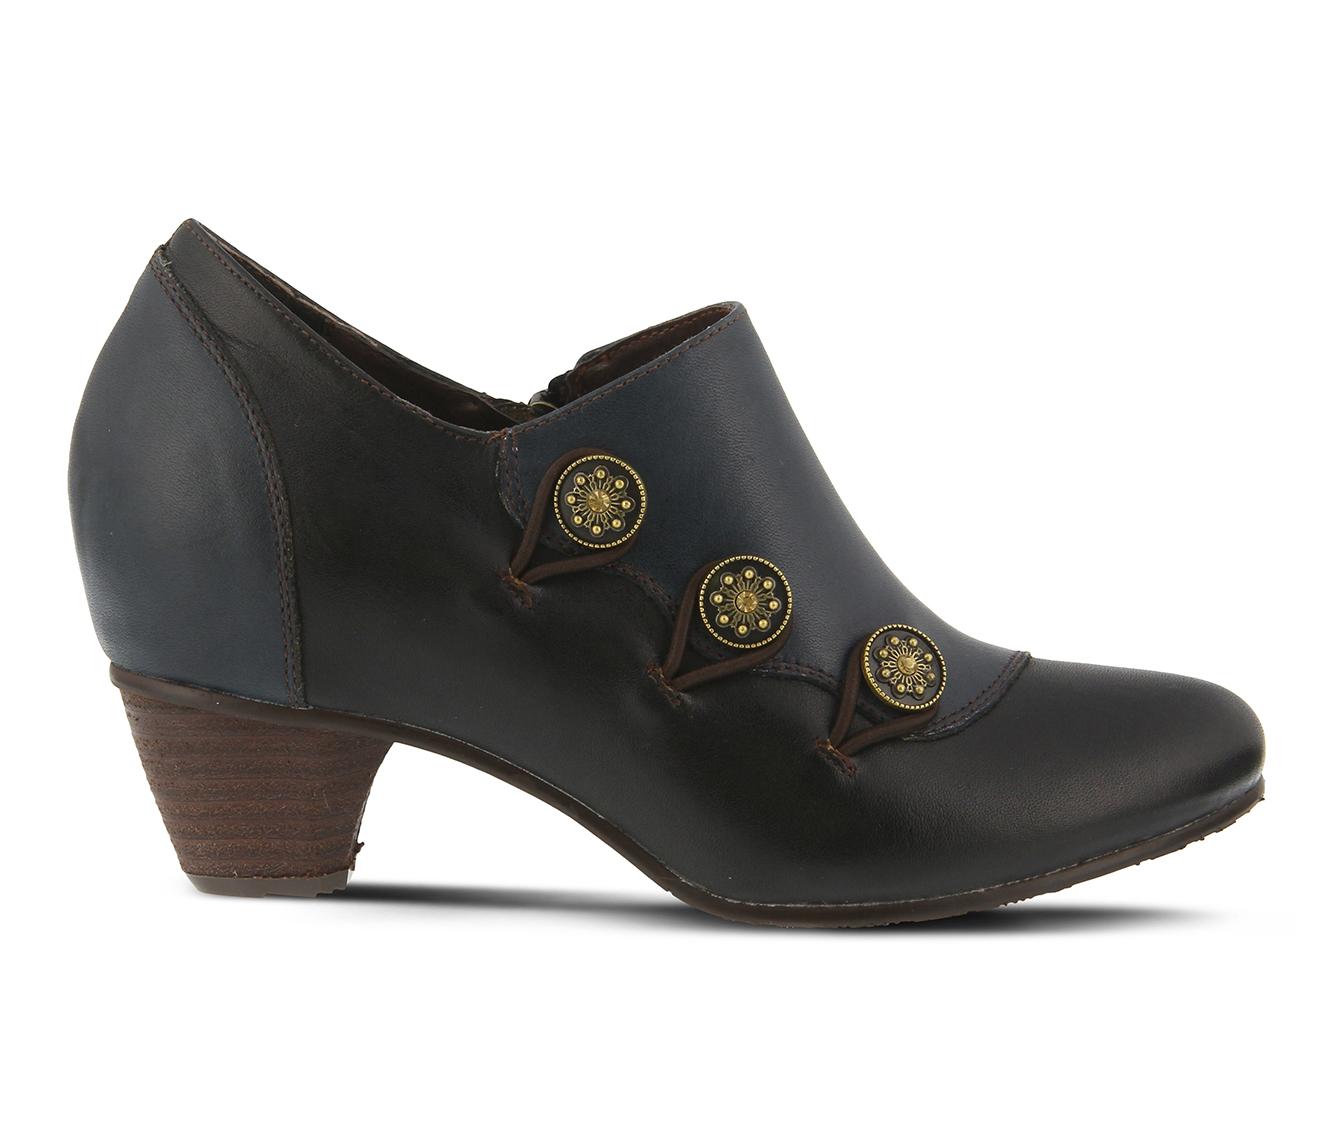 L'Artiste Greentea Women's Dress Shoe (Blue Leather)